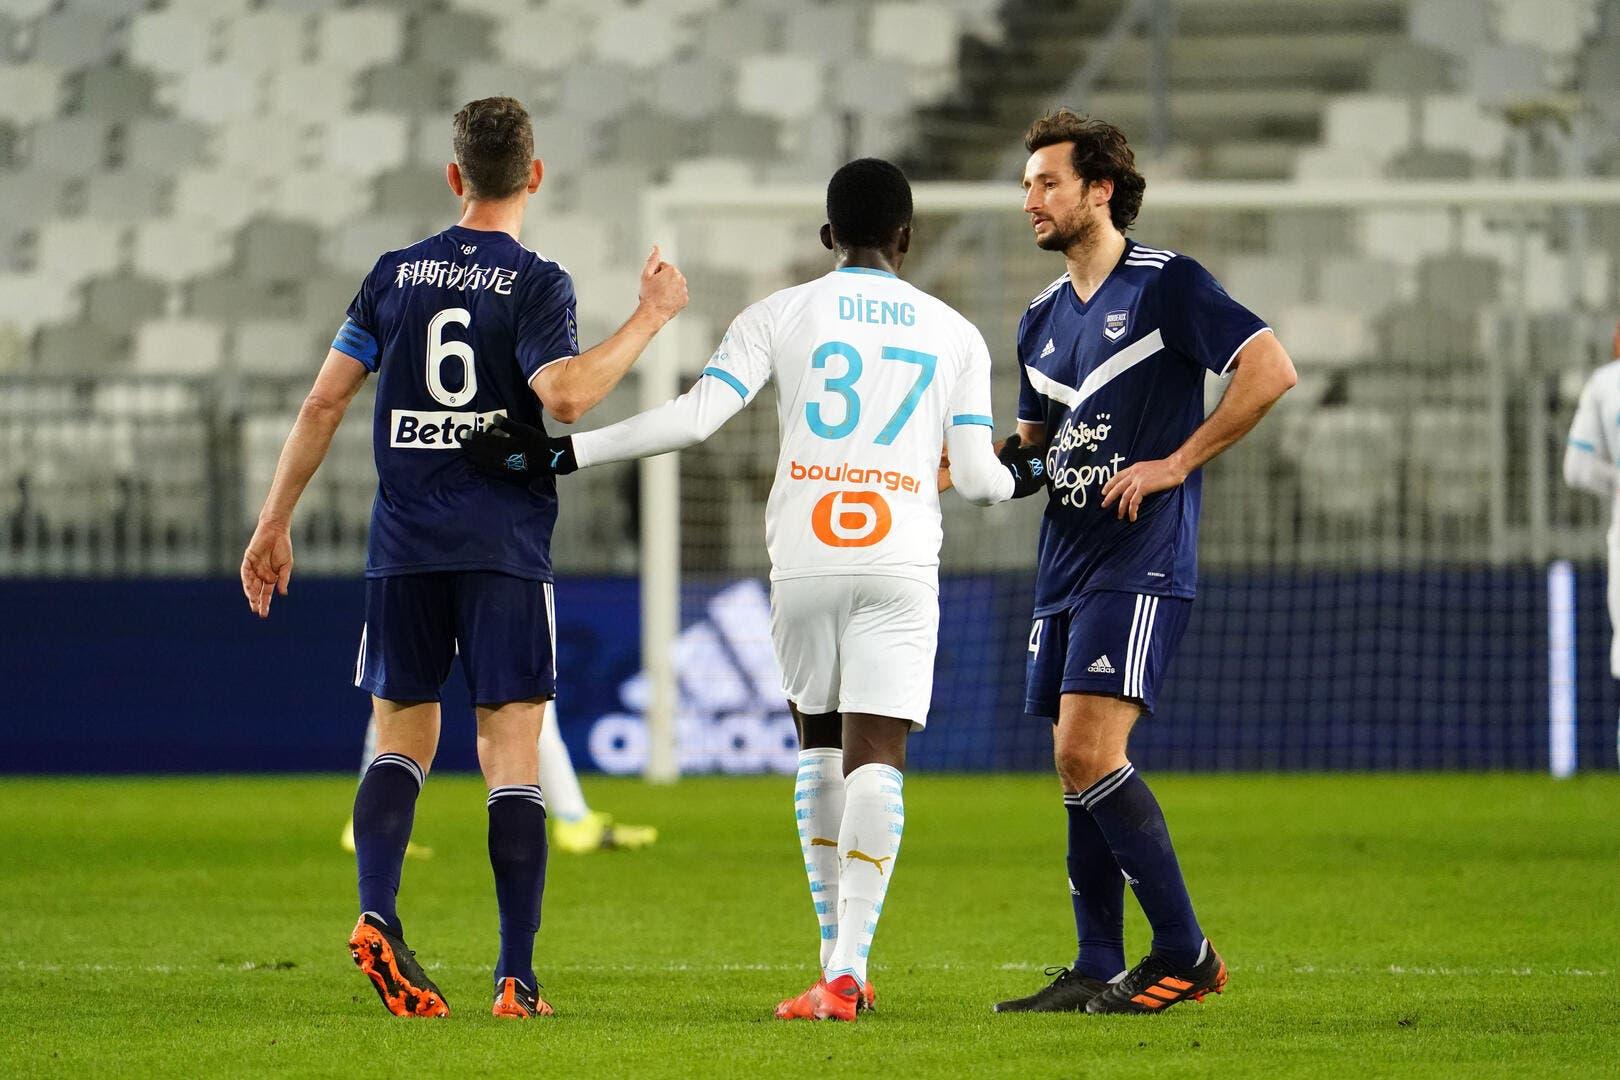 OM : Dieng héros de Marseille, l'histoire est en marche - Foot01.com